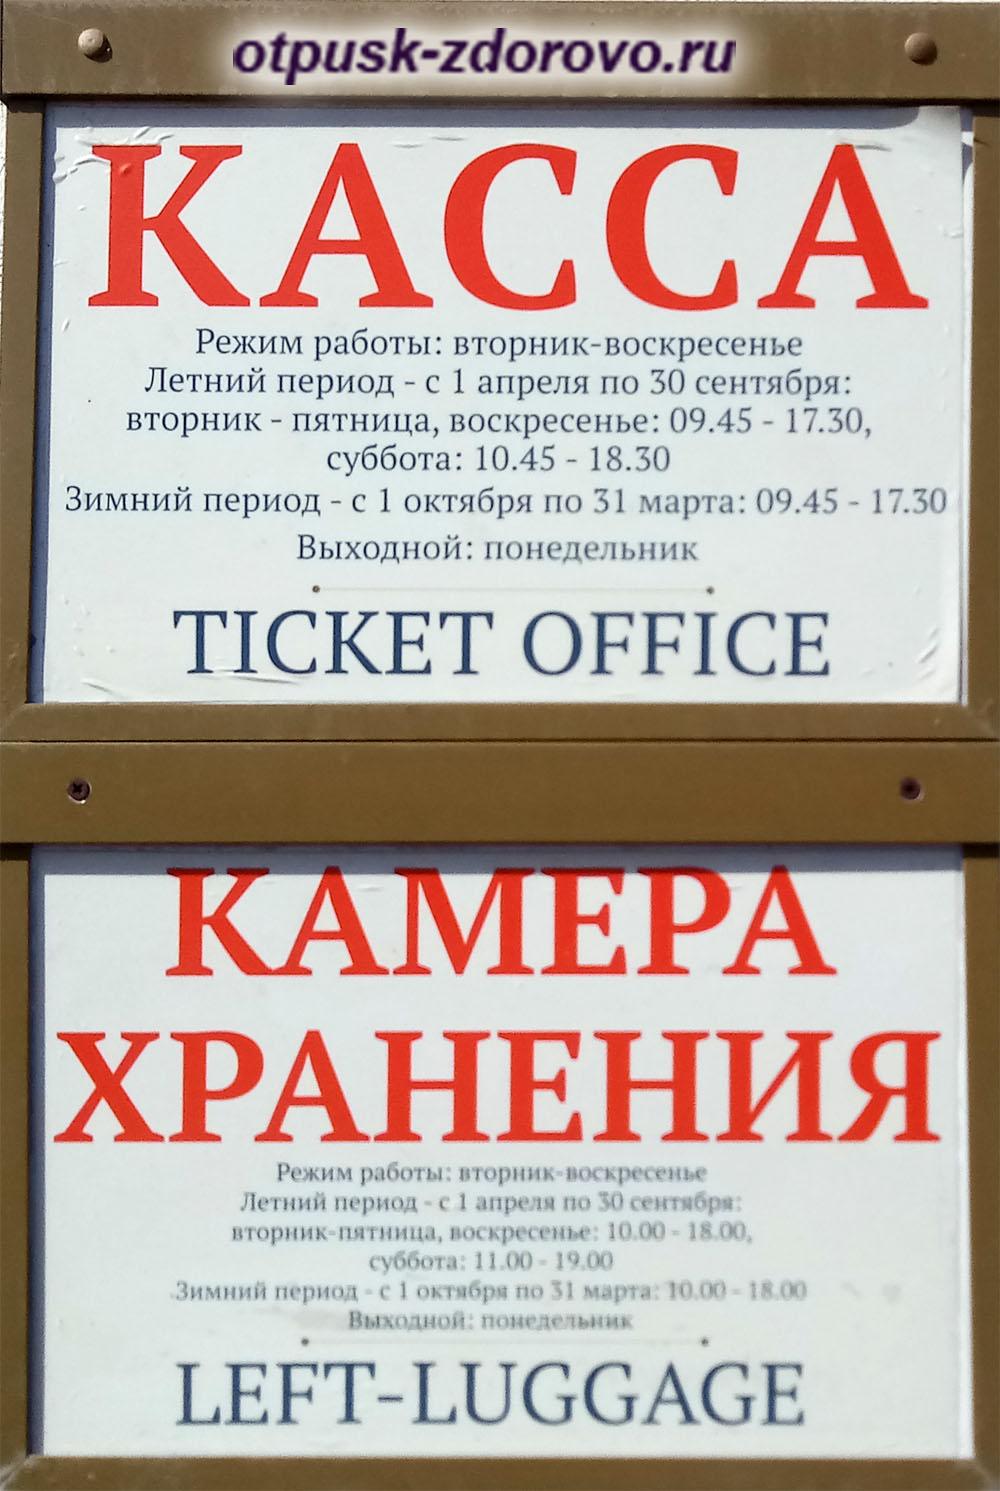 Музей Коломенское, дворец царя Алексея, режим работы